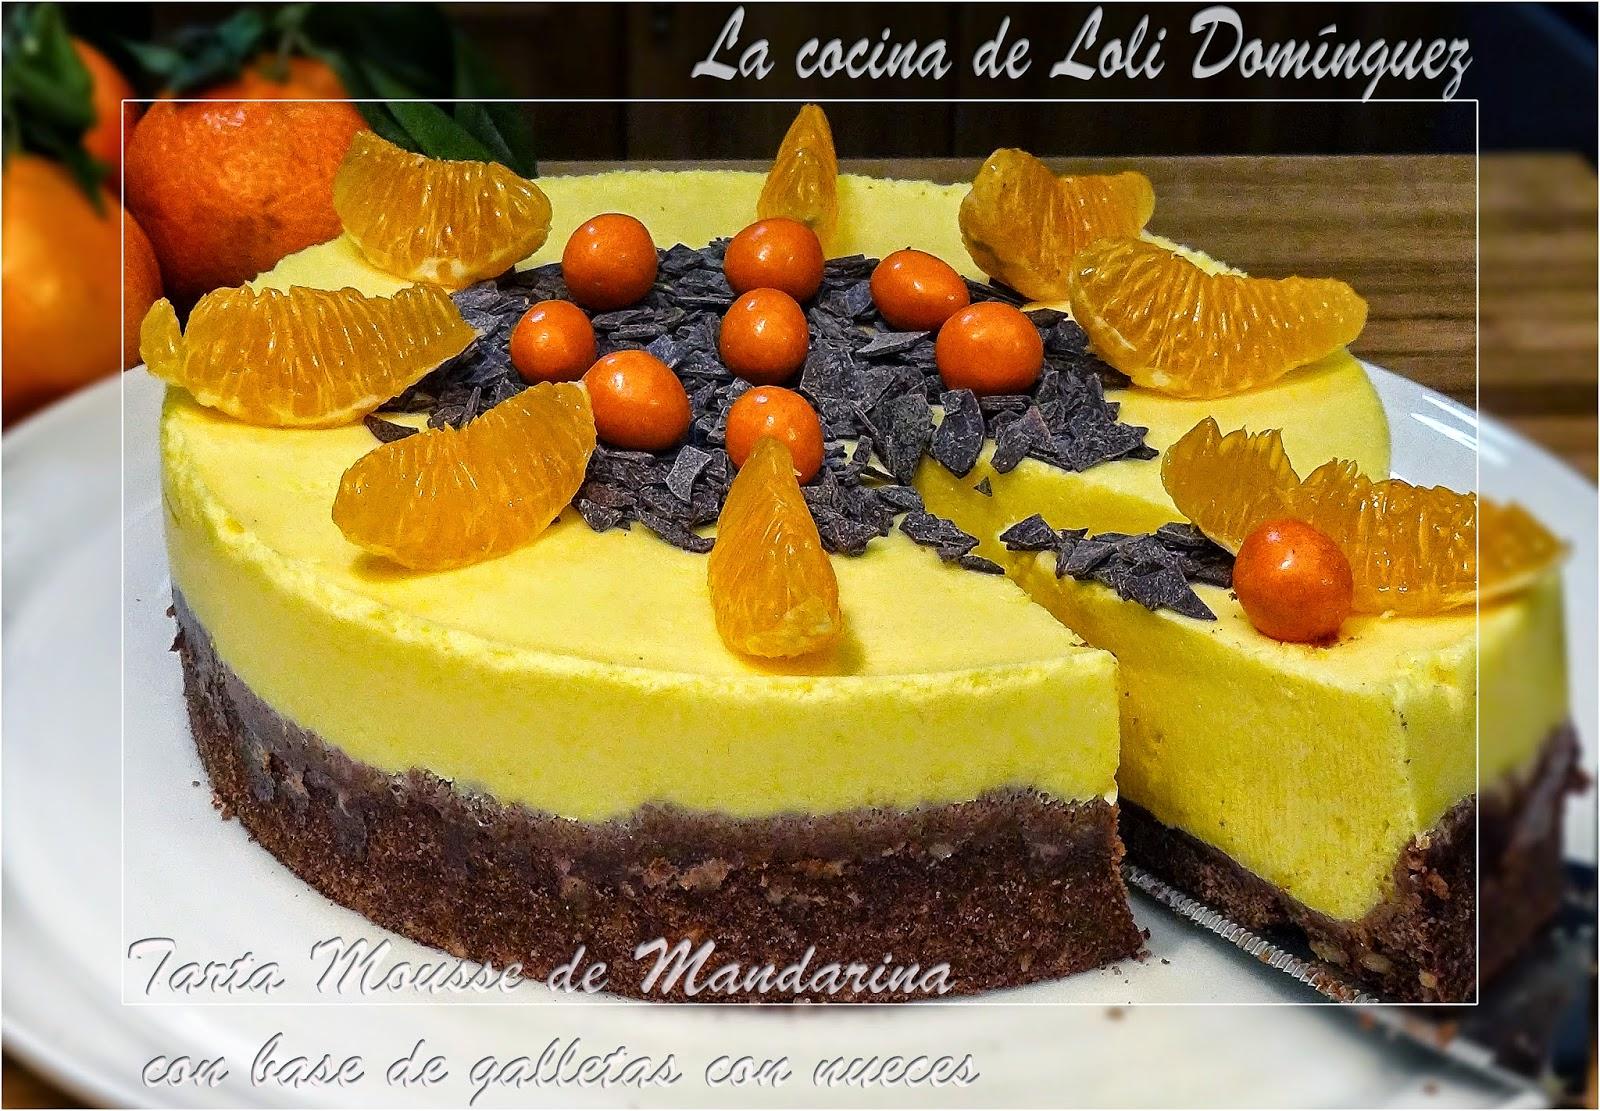 La cocina de loli dom nguez tarta mousse de mandarina con - Postre con mandarinas ...